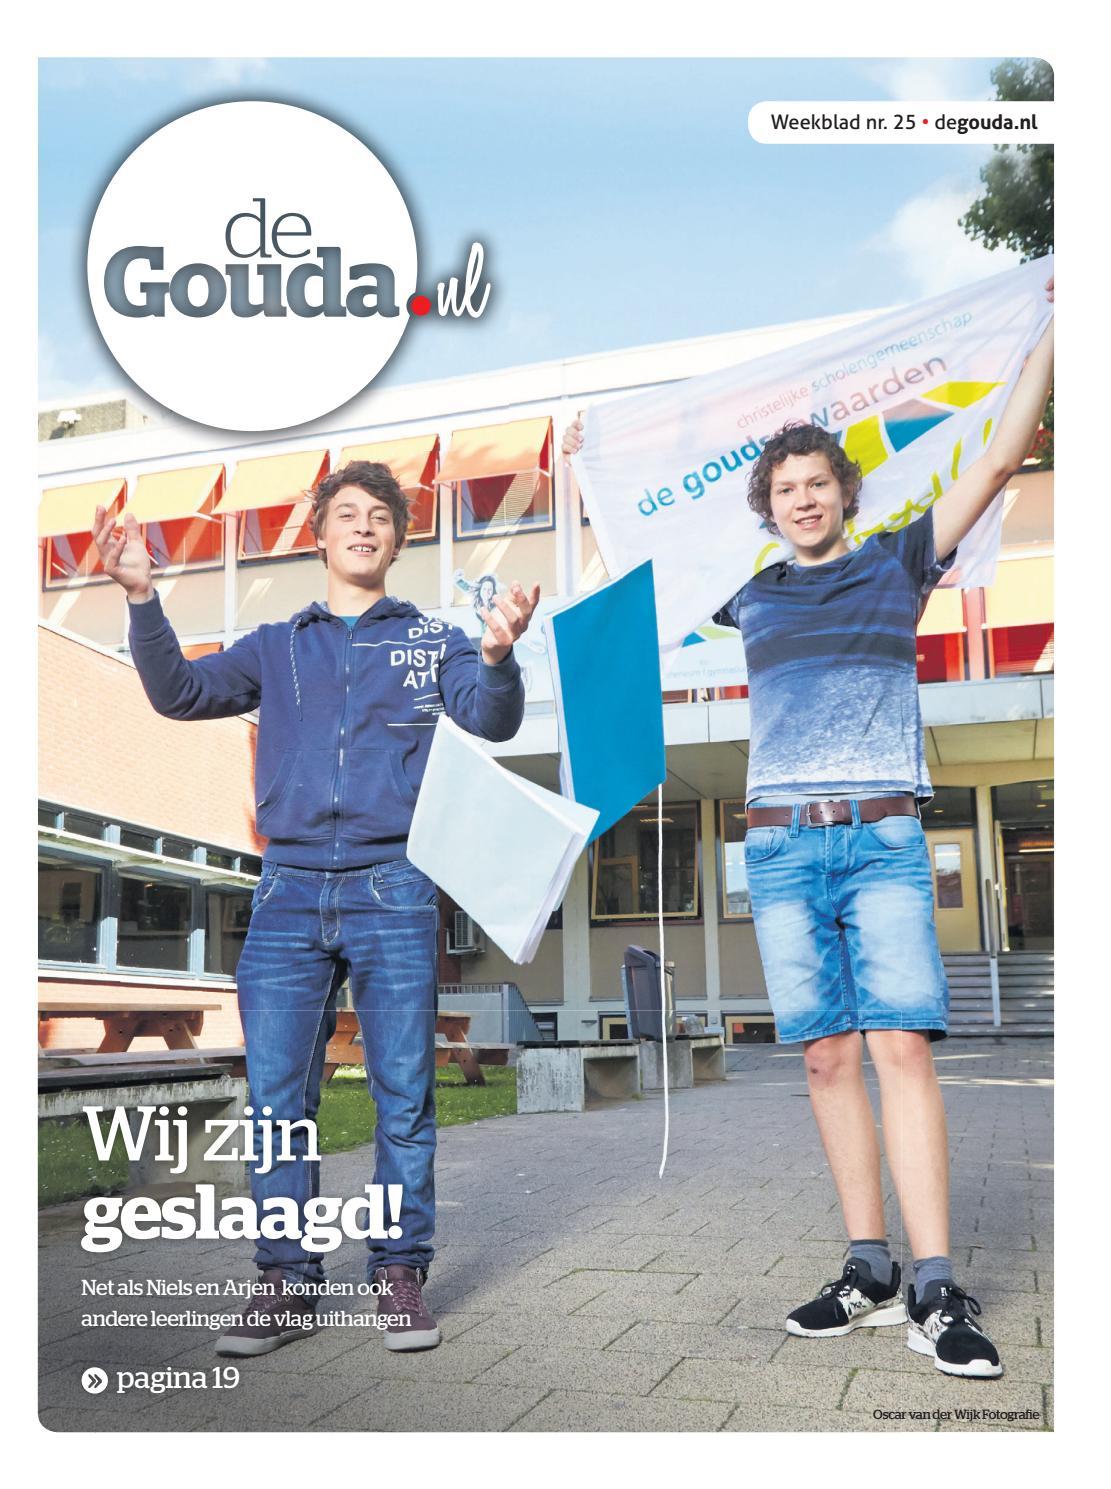 Weekblad degouda 23 juni 2016 by degouda   issuu